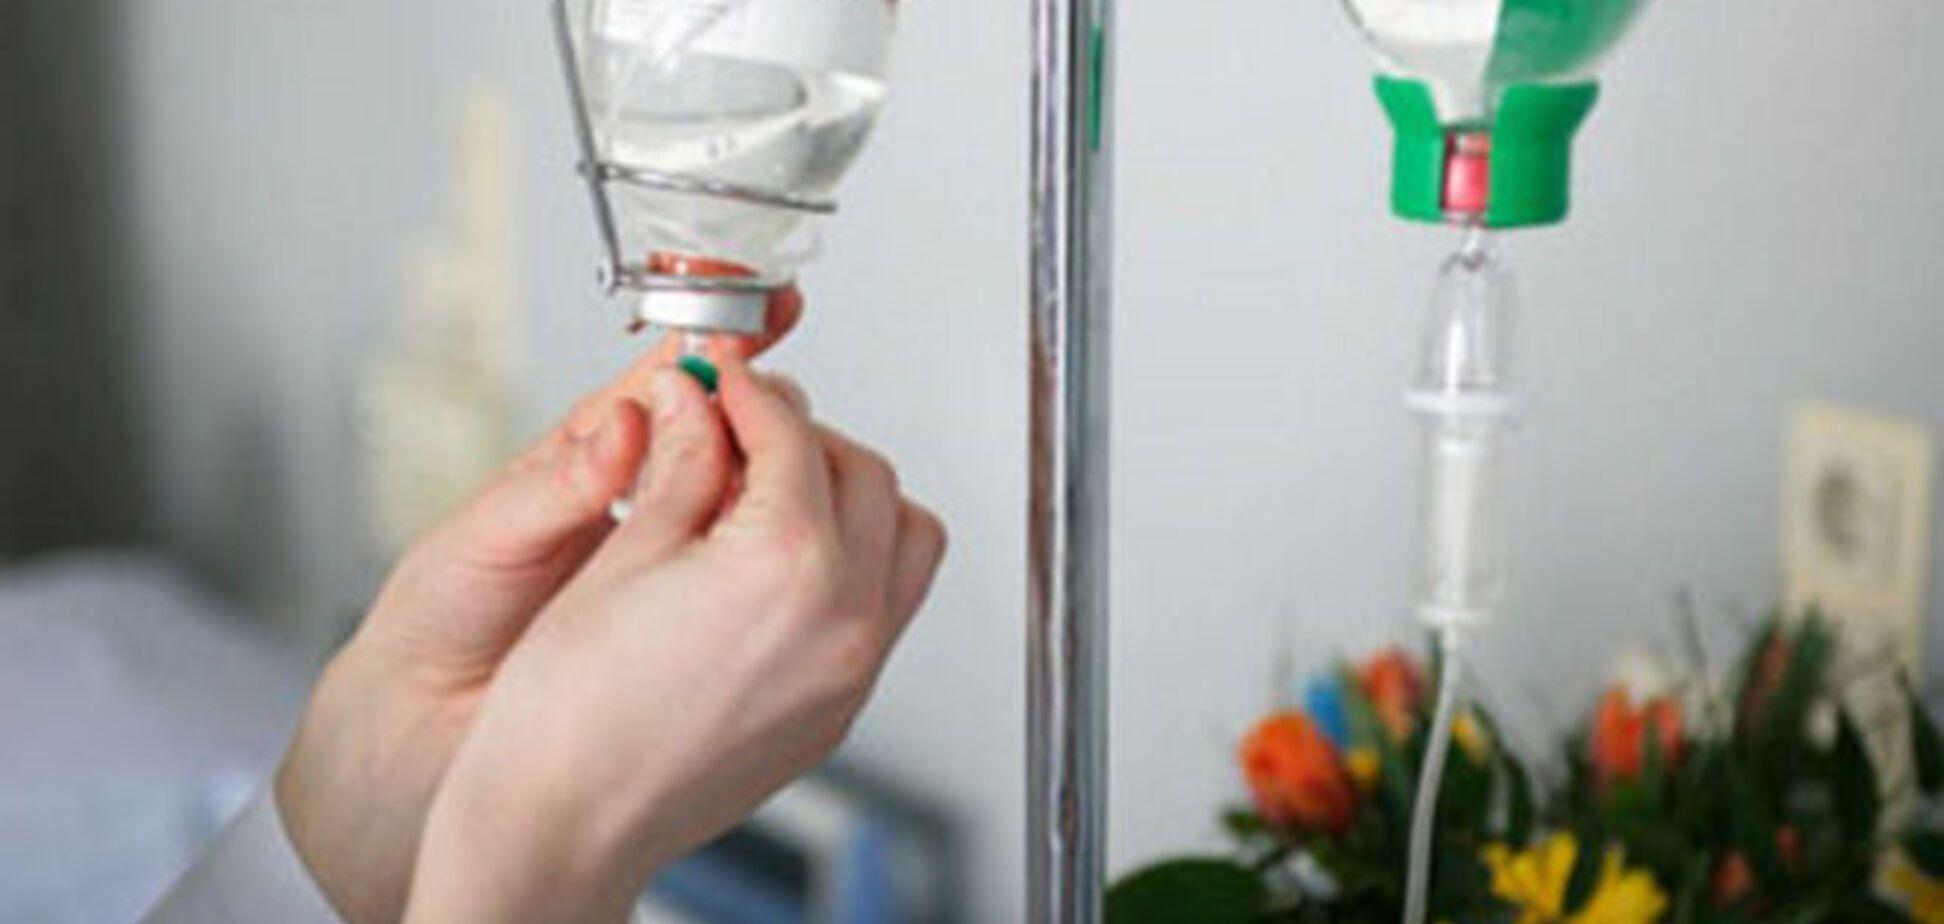 Во Львовской области празднование дня рождения закончилось госпитализацией гостей